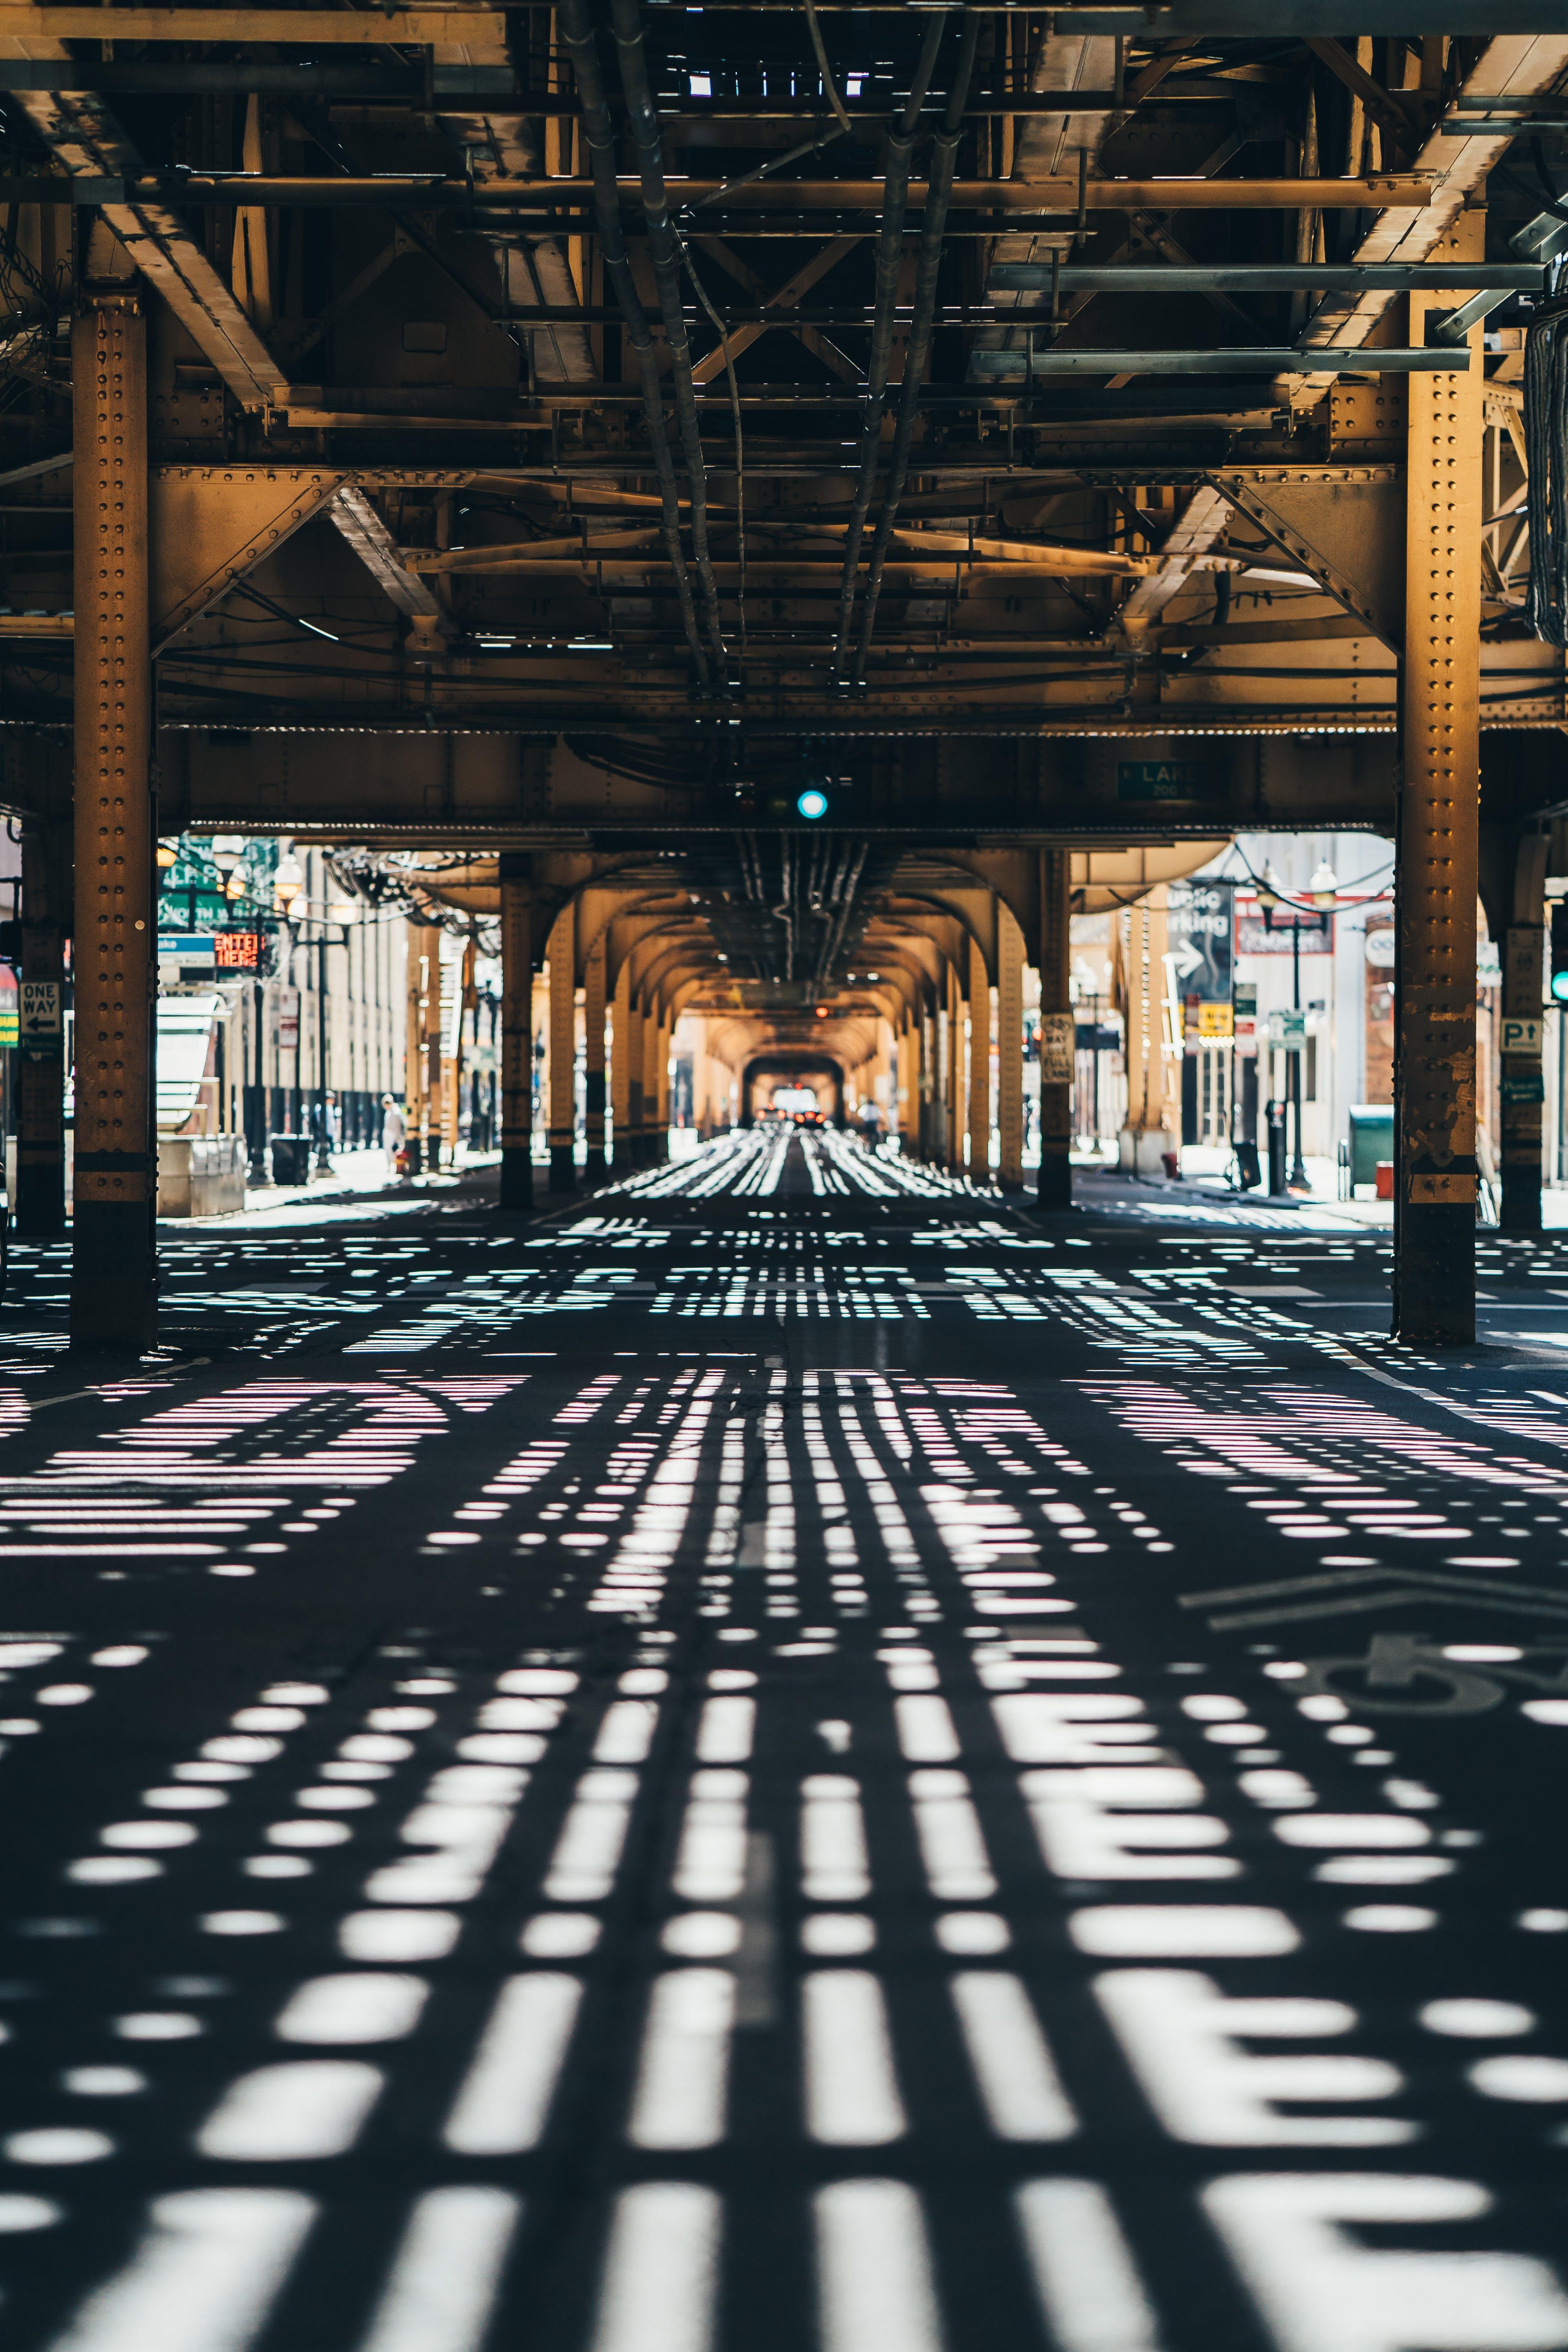 シェード, シティ, ブリッジ, ローアングルショットの無料の写真素材